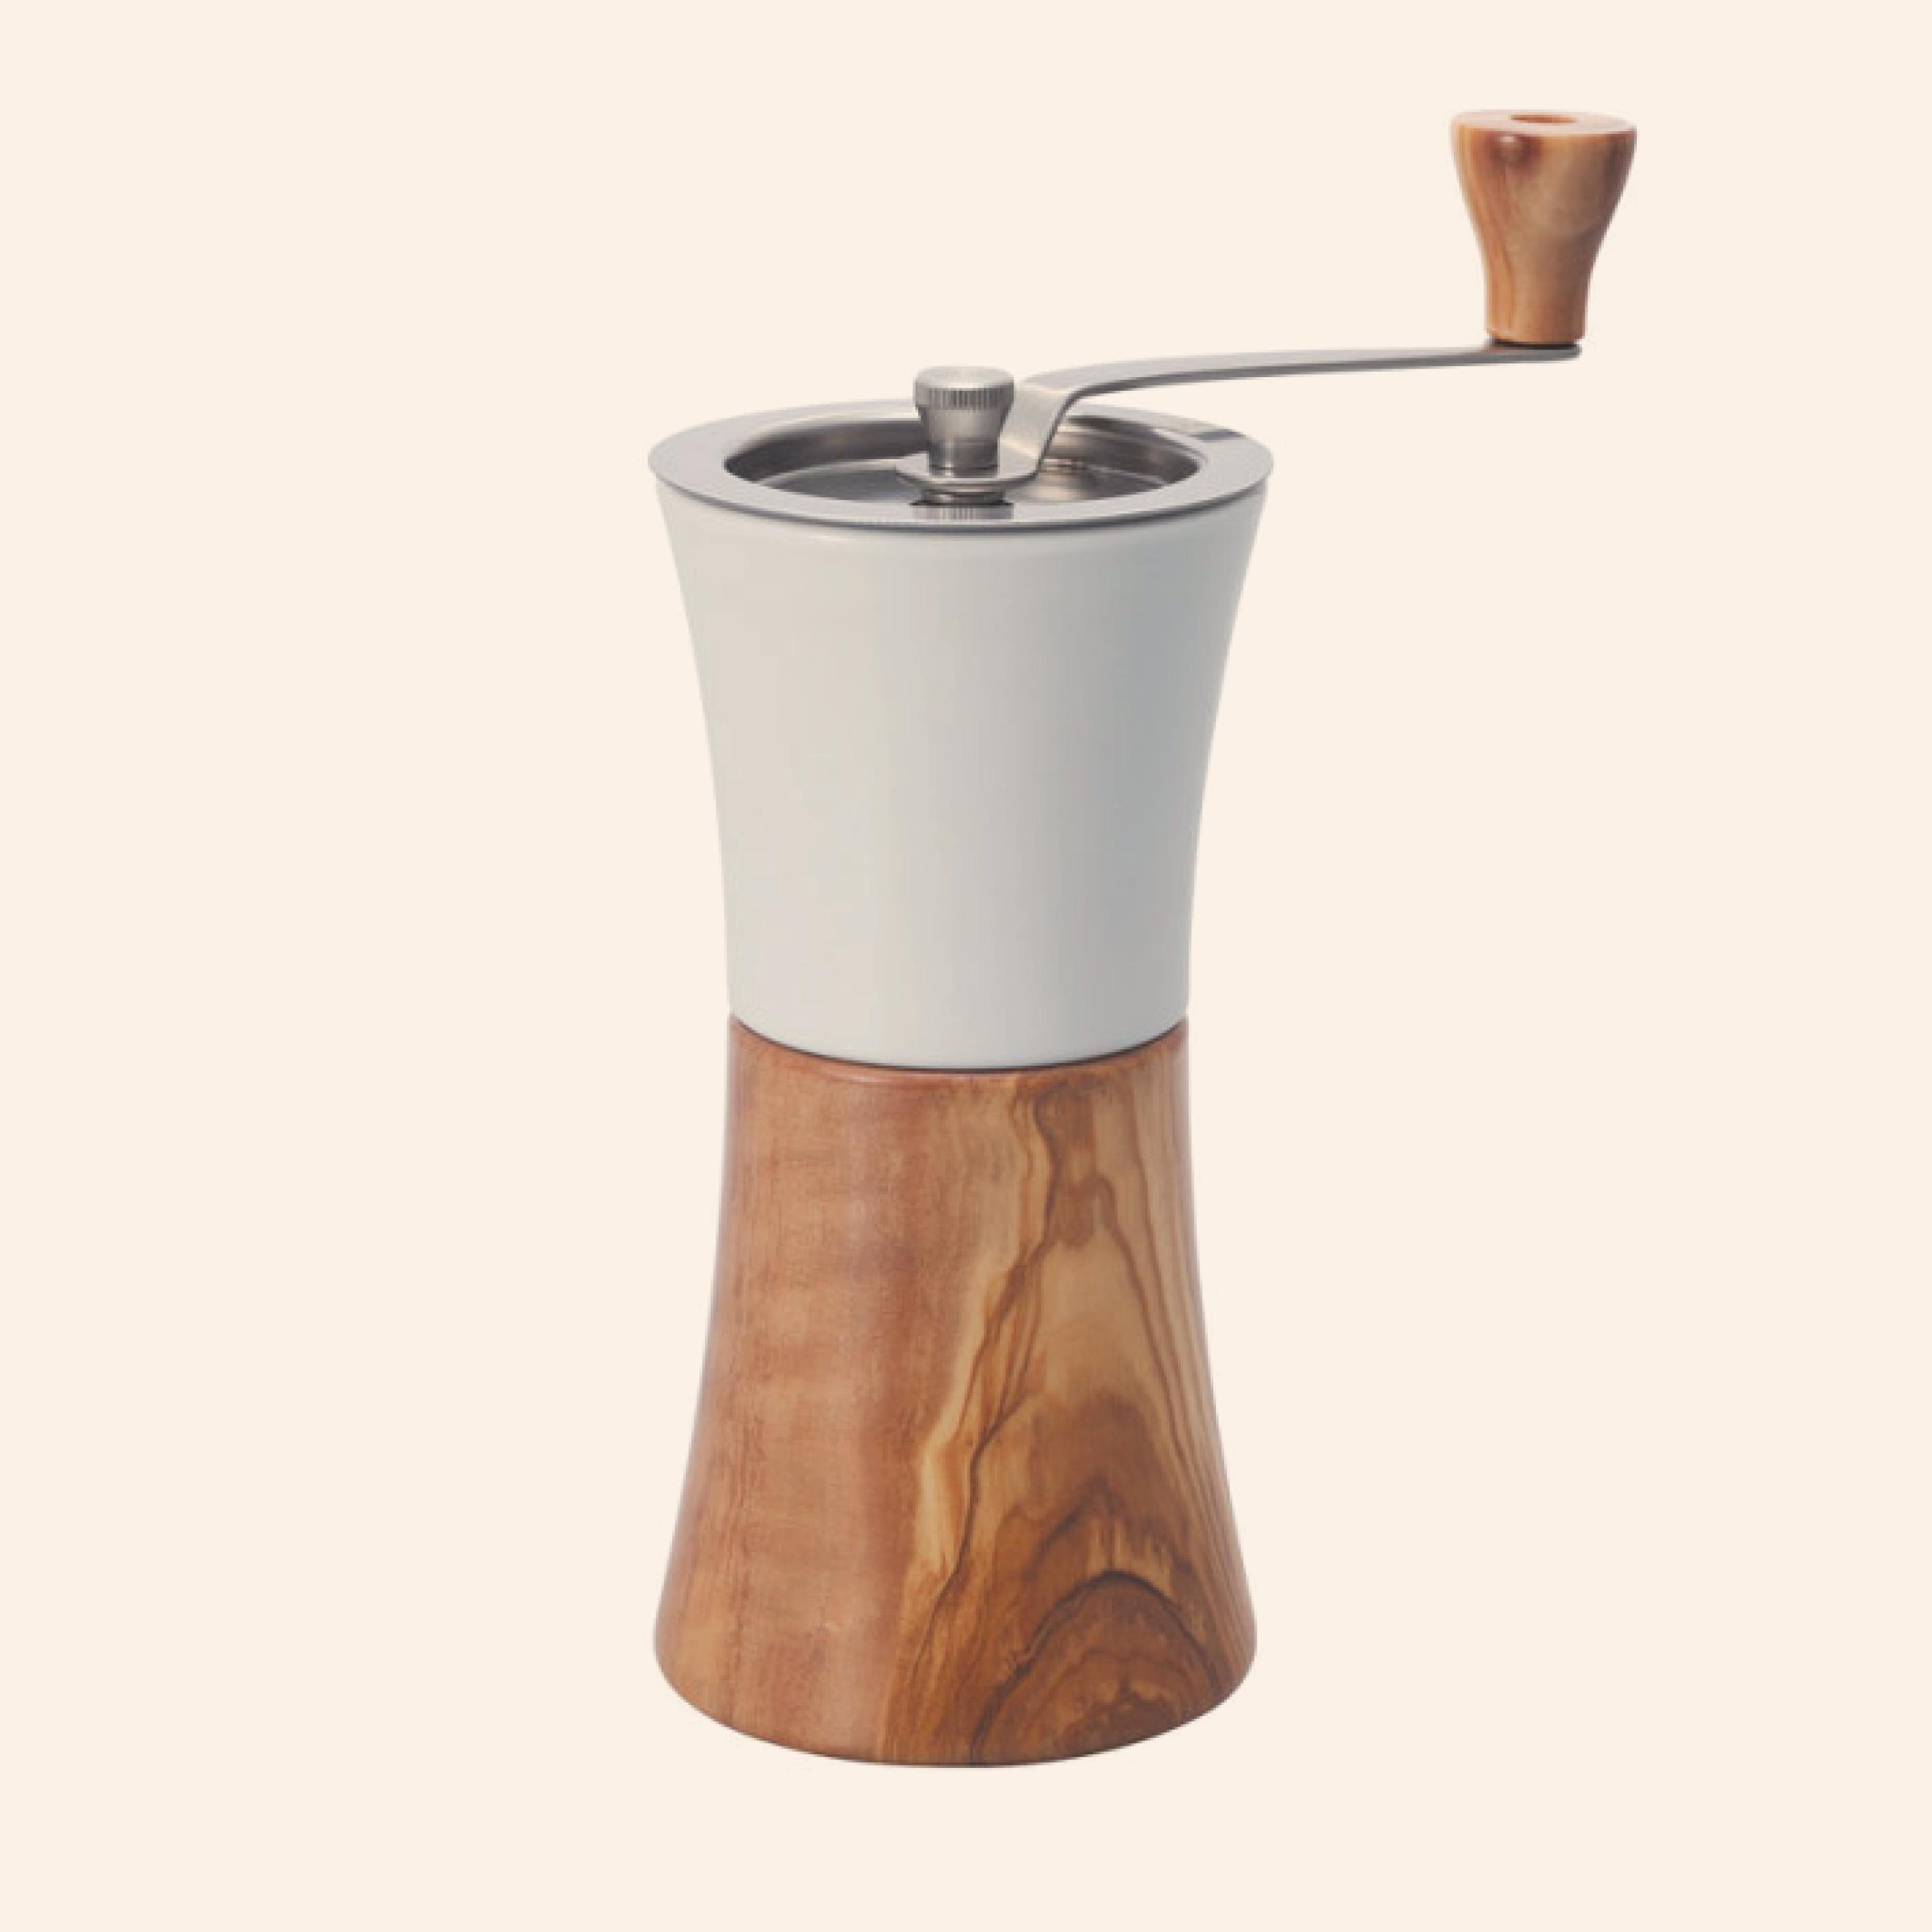 Hario Koffiemolen In Porselein Met Olijfhout